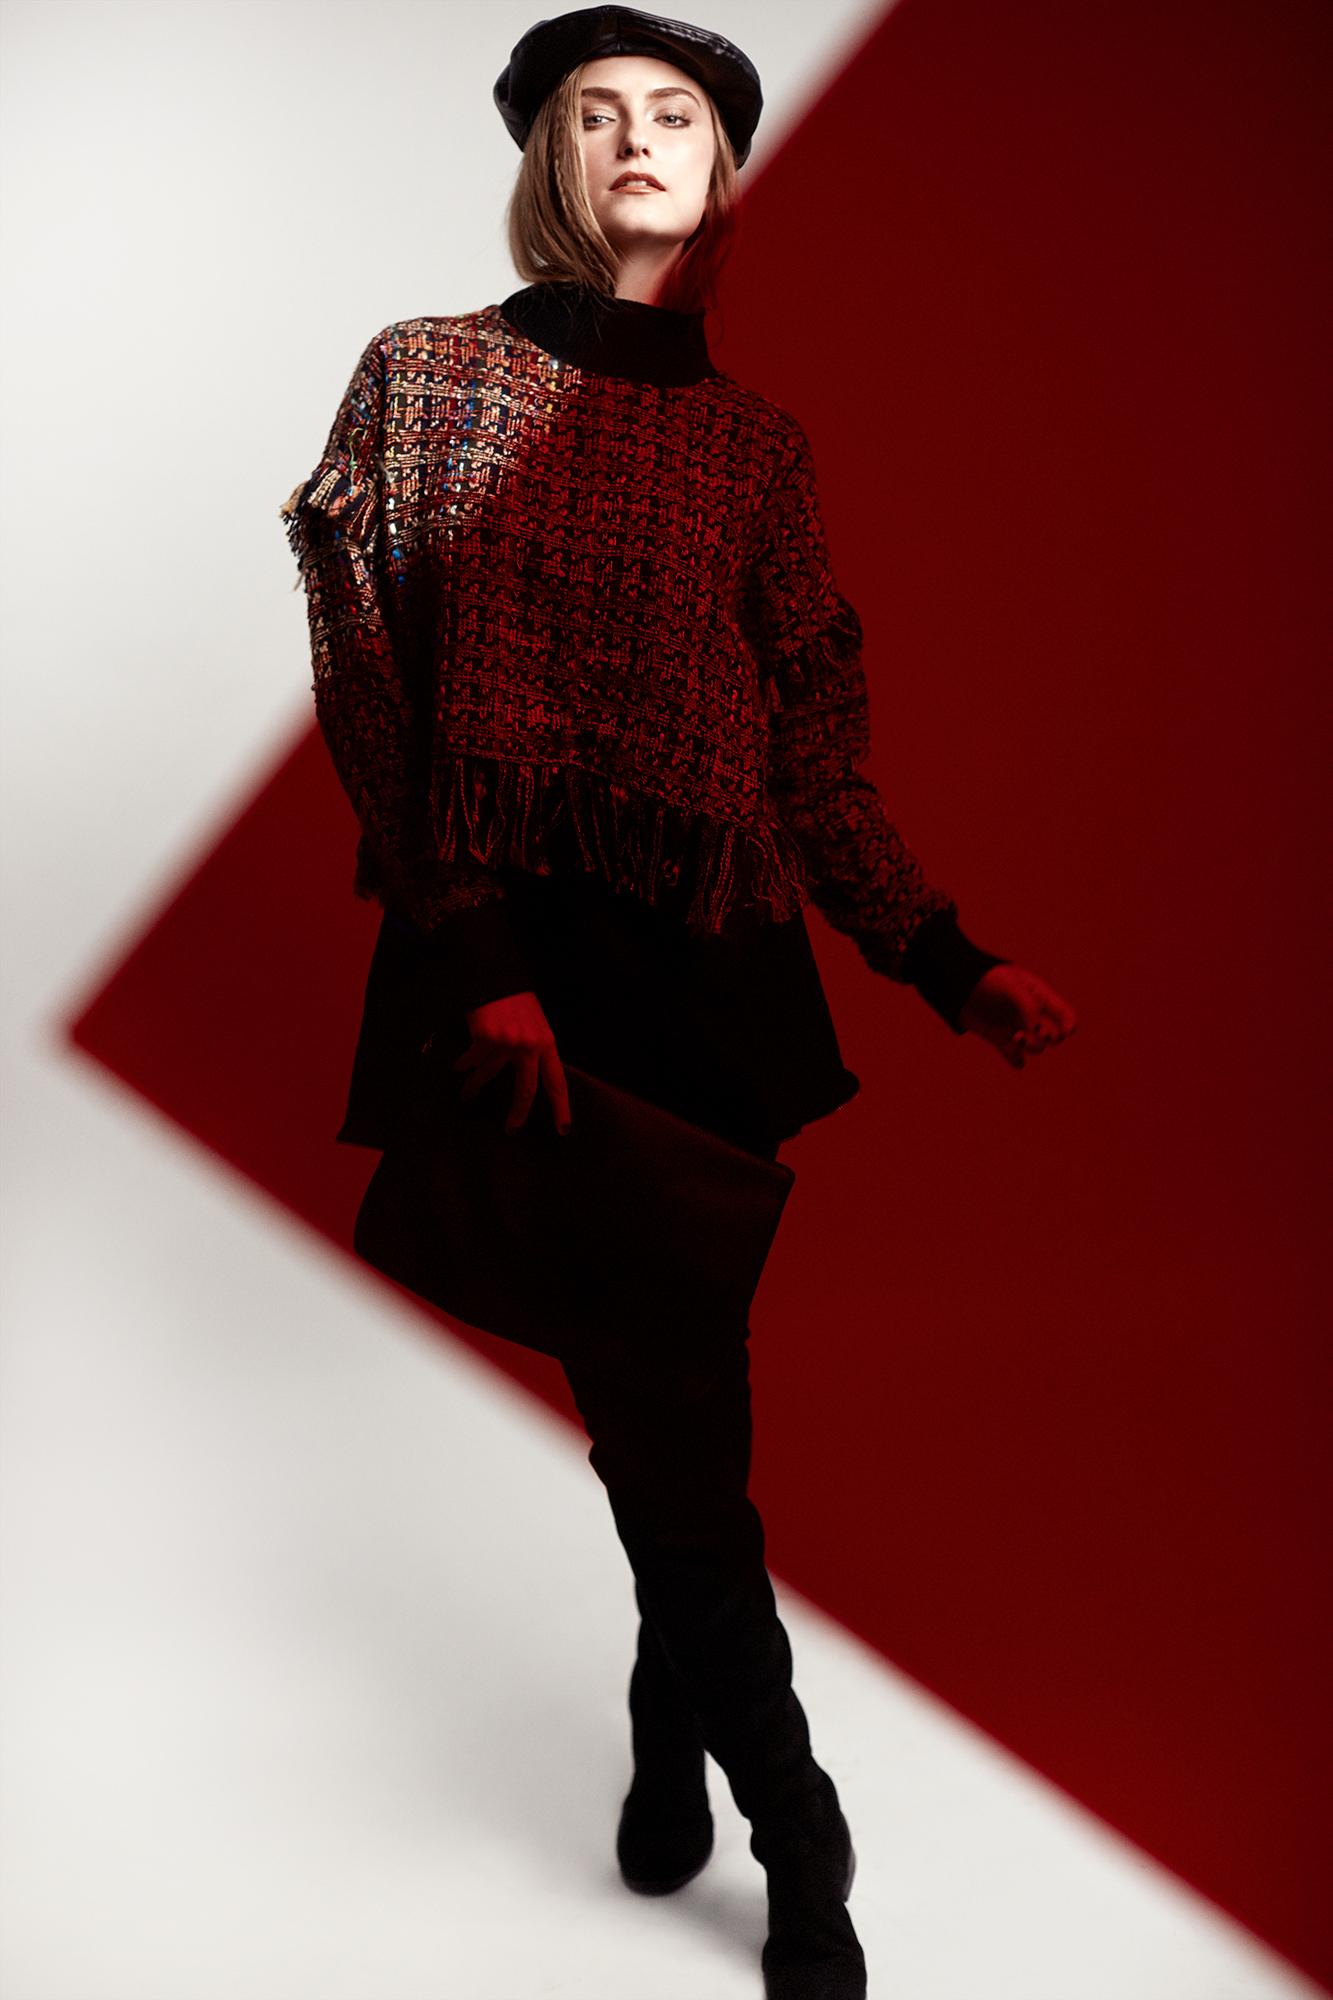 Vera Fashion Shoot04013.jpg